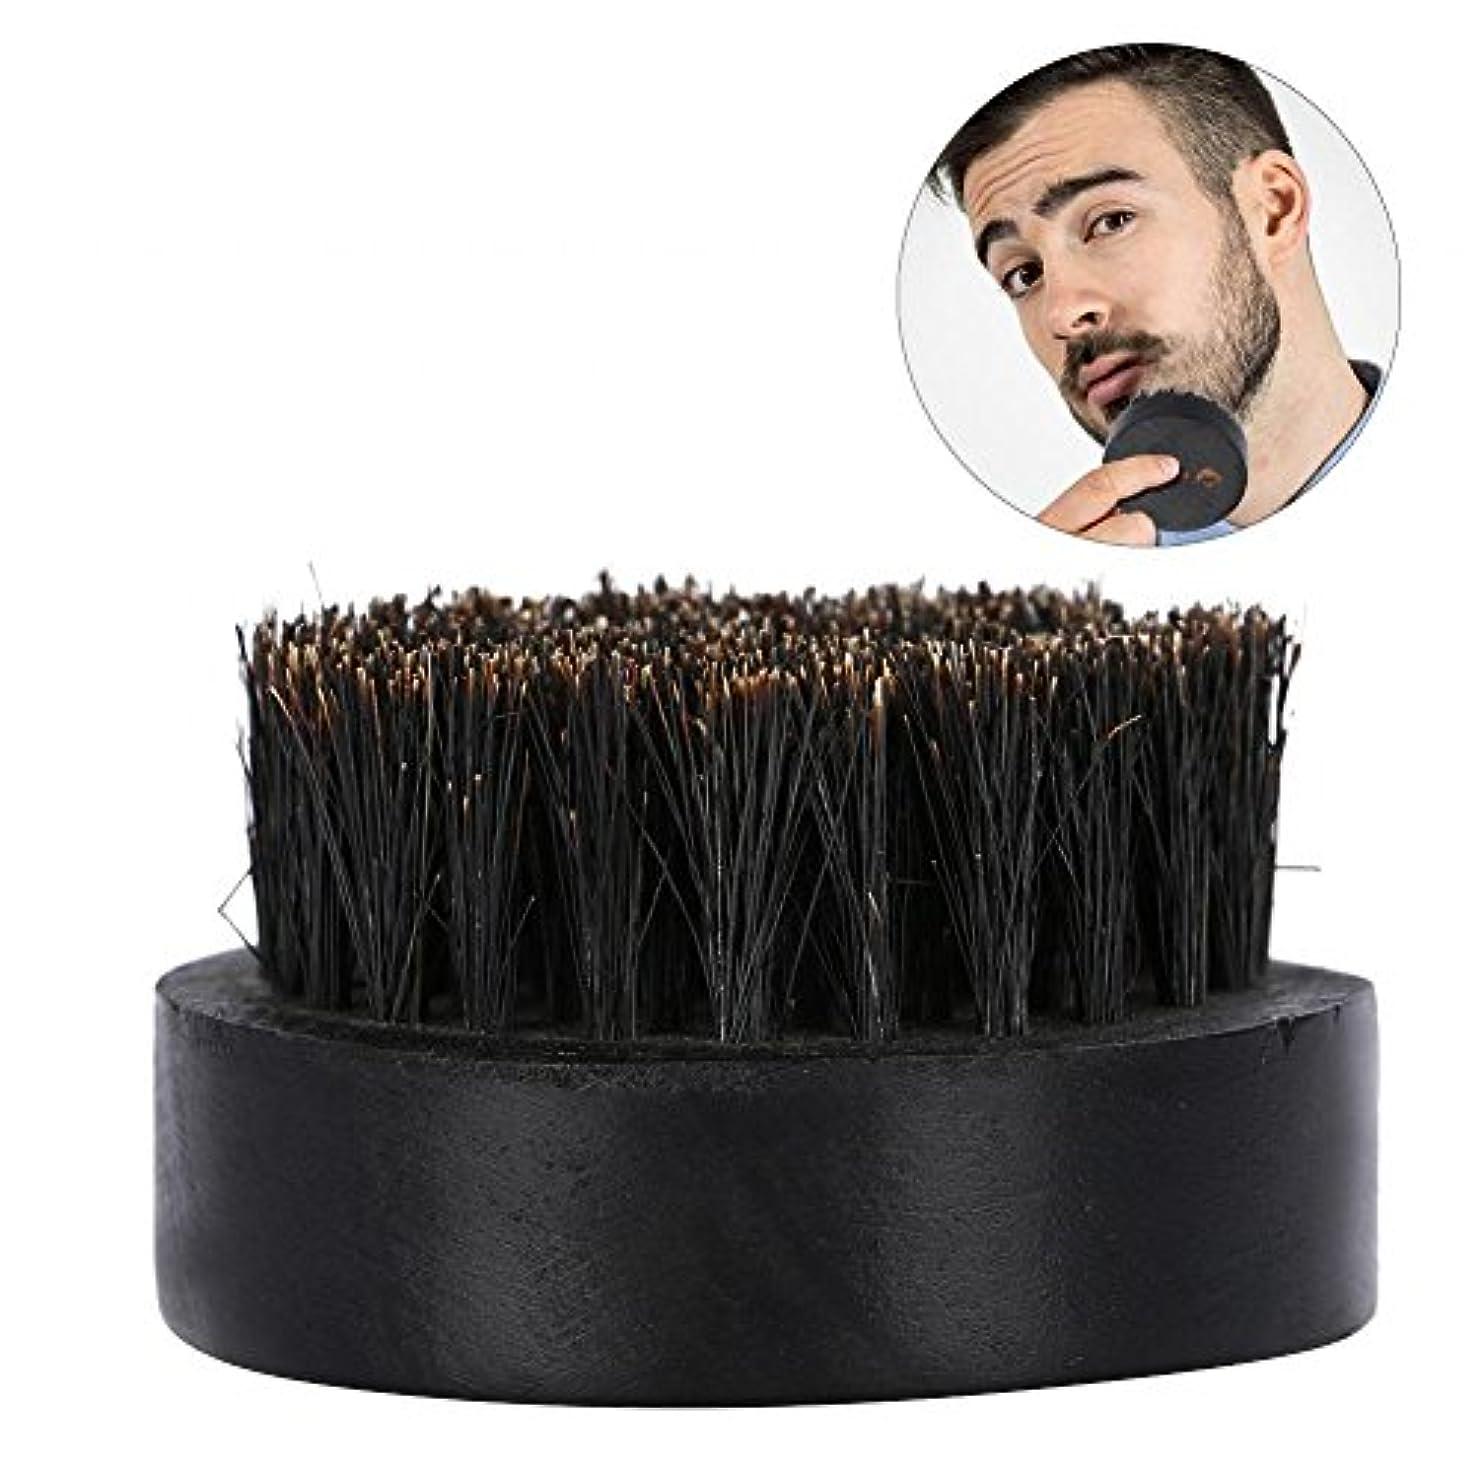 ひげブラシ、シェービングブラシメンズひげグルーミングキット理髪ブラシ口ひげクリーニングブラシヘアシェービングキット